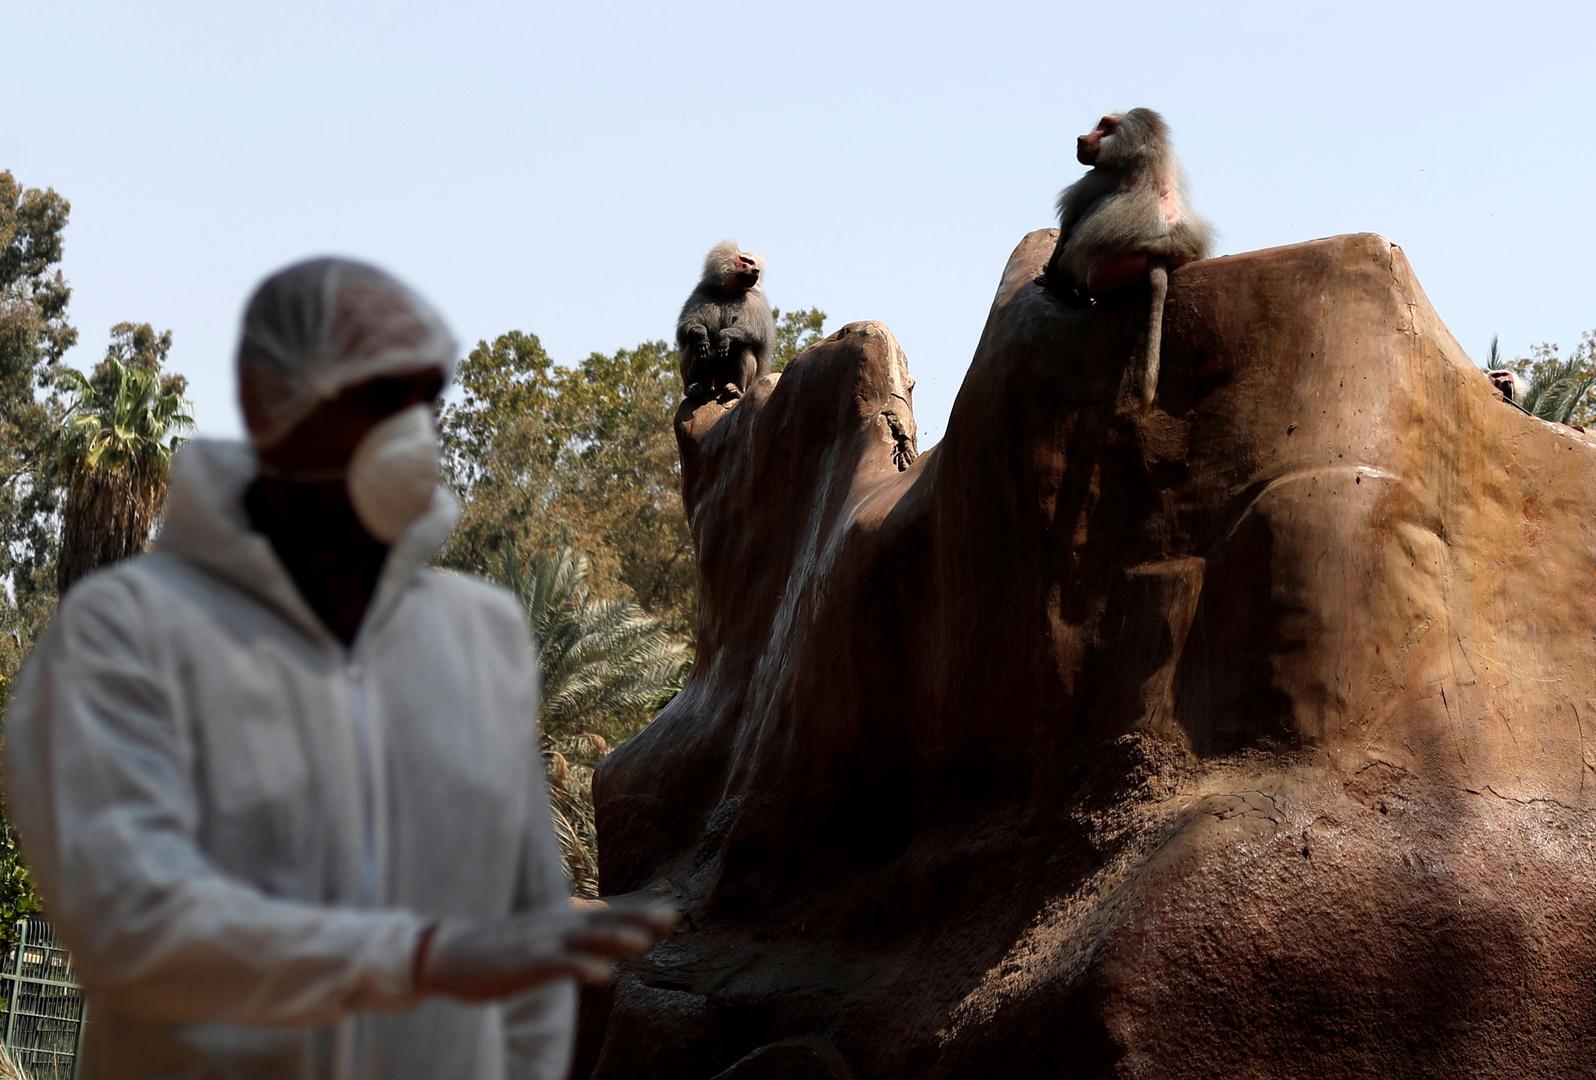 حديقة حيوانات في مصر